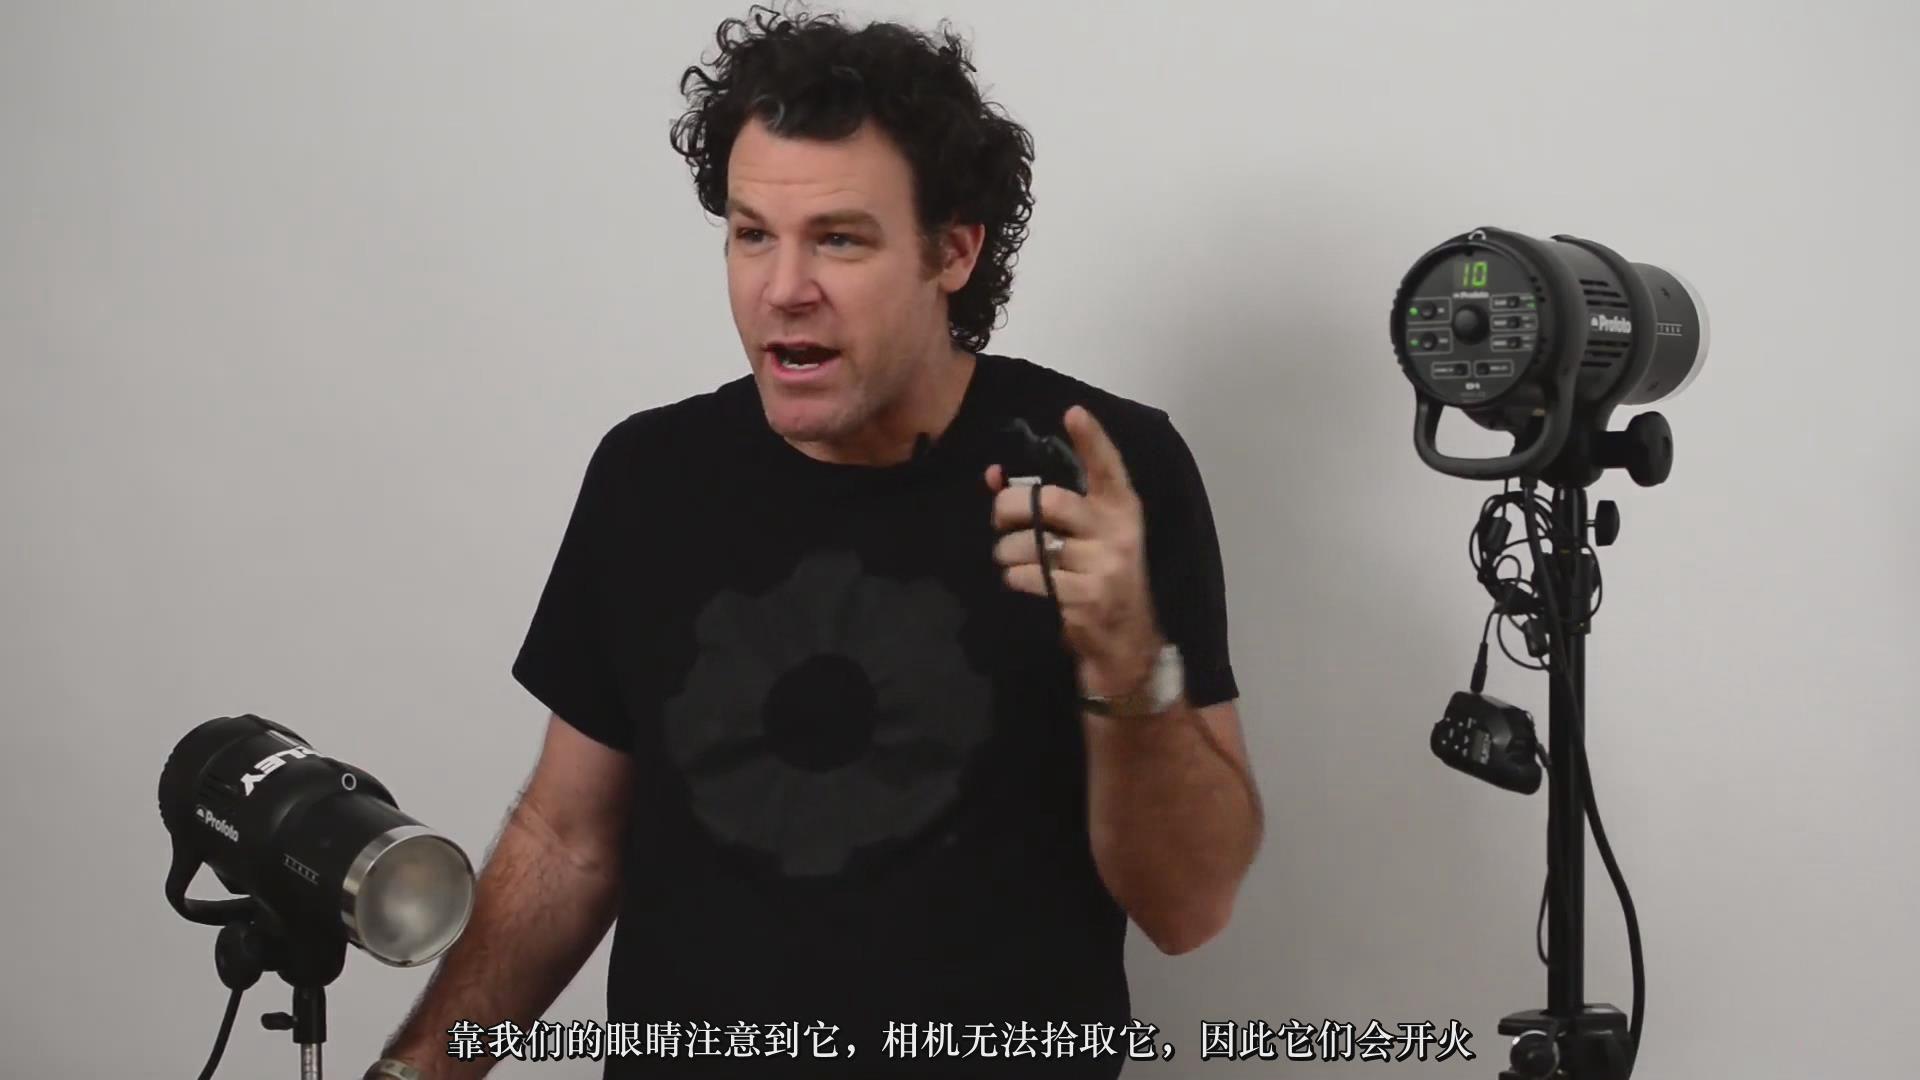 摄影教程_Fstoppers-彼得·赫利(Peter Hurley)完美头像人像面部布光教程-中文字幕 摄影教程 _预览图2